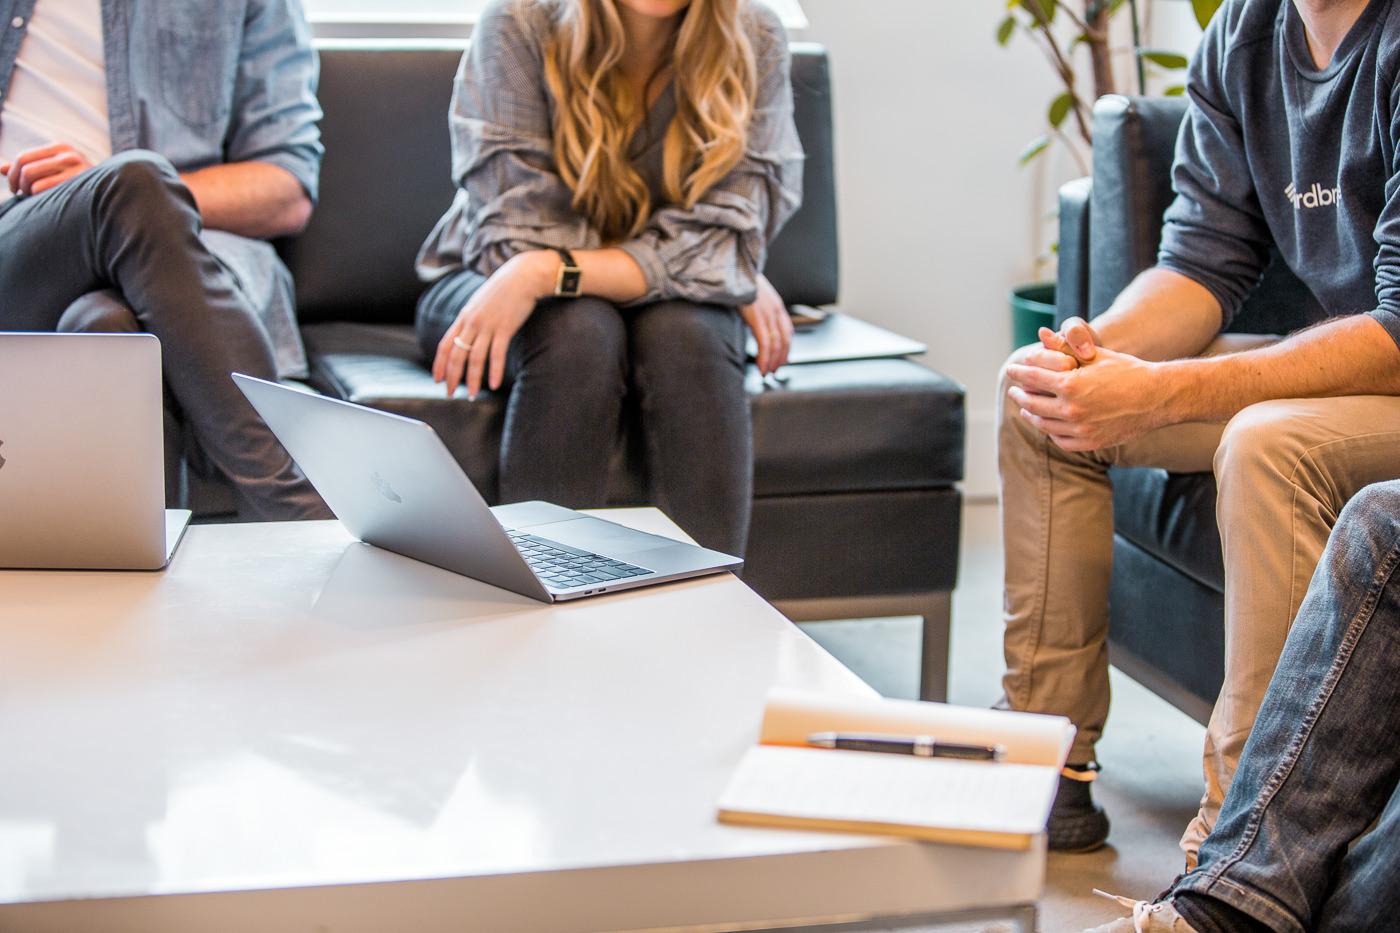 photo forfait pme thirdbridge banque d'images corporatives réunion d'équipe